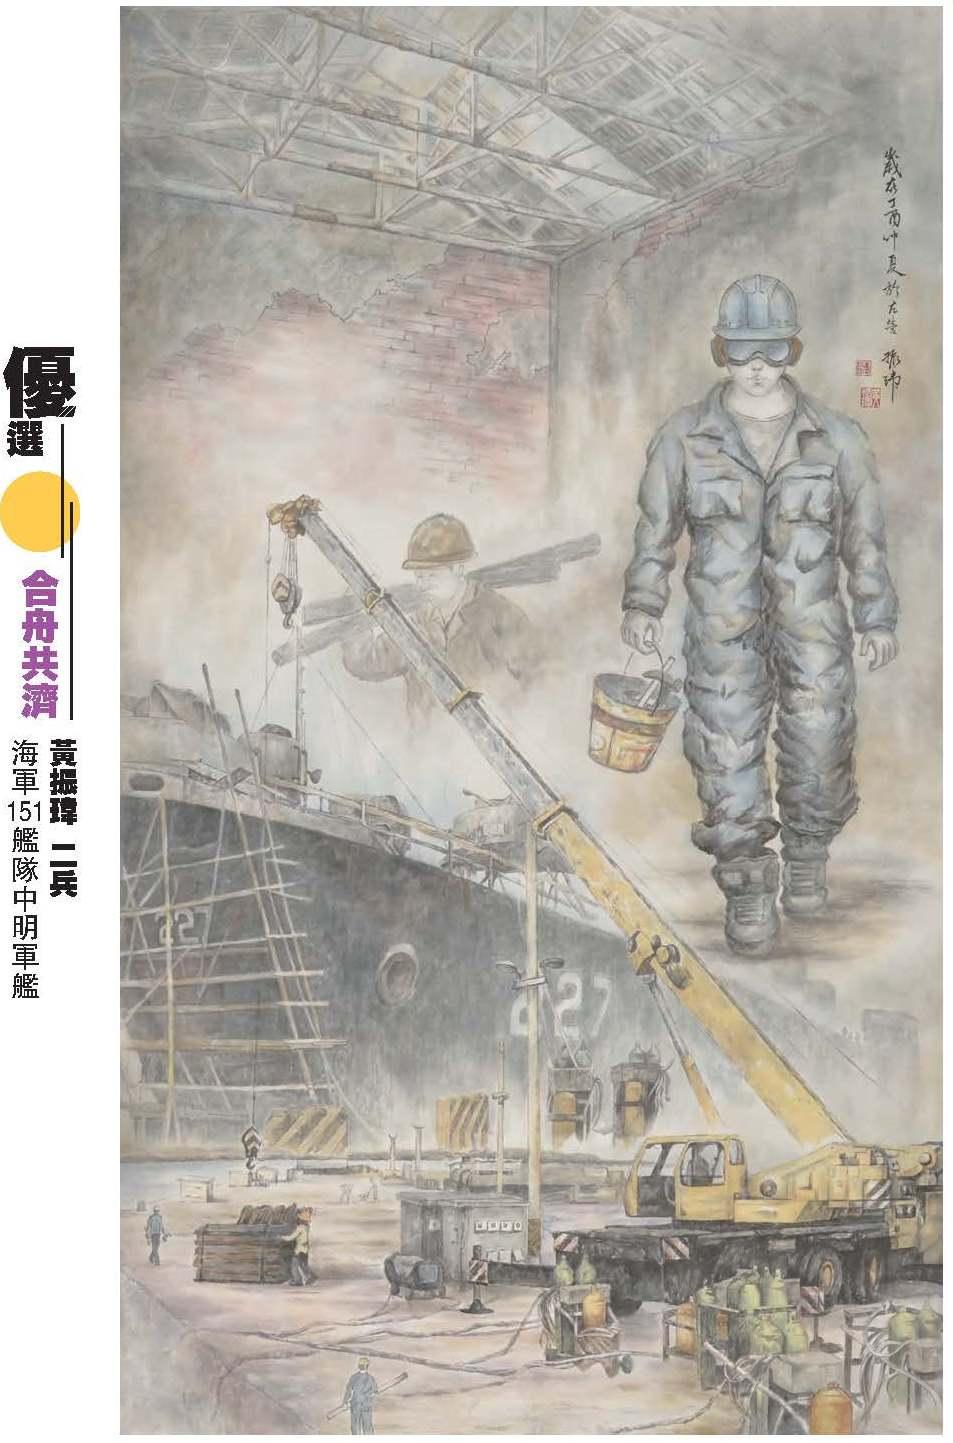 51屆國畫項國軍組優選_合舟共濟_黃振瑋.jpg